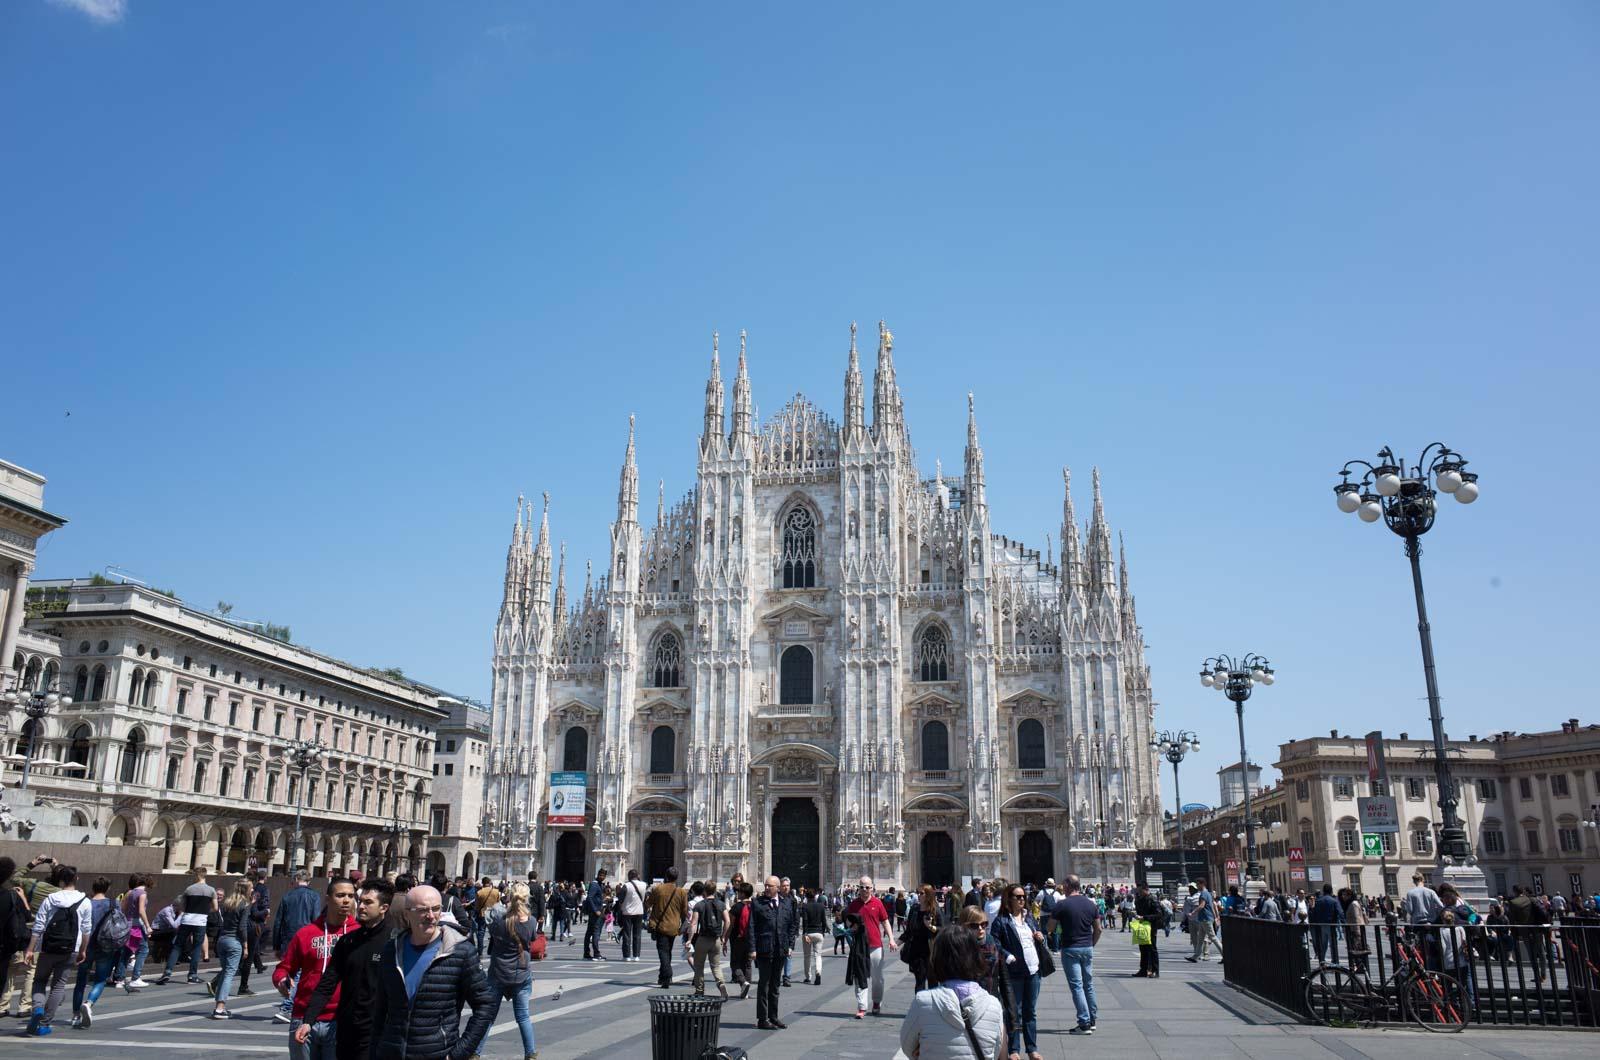 ヨーロッパ鉄道建築の旅'16:8日目 ミラノ観光〜最後の晩餐・ペックでランチ